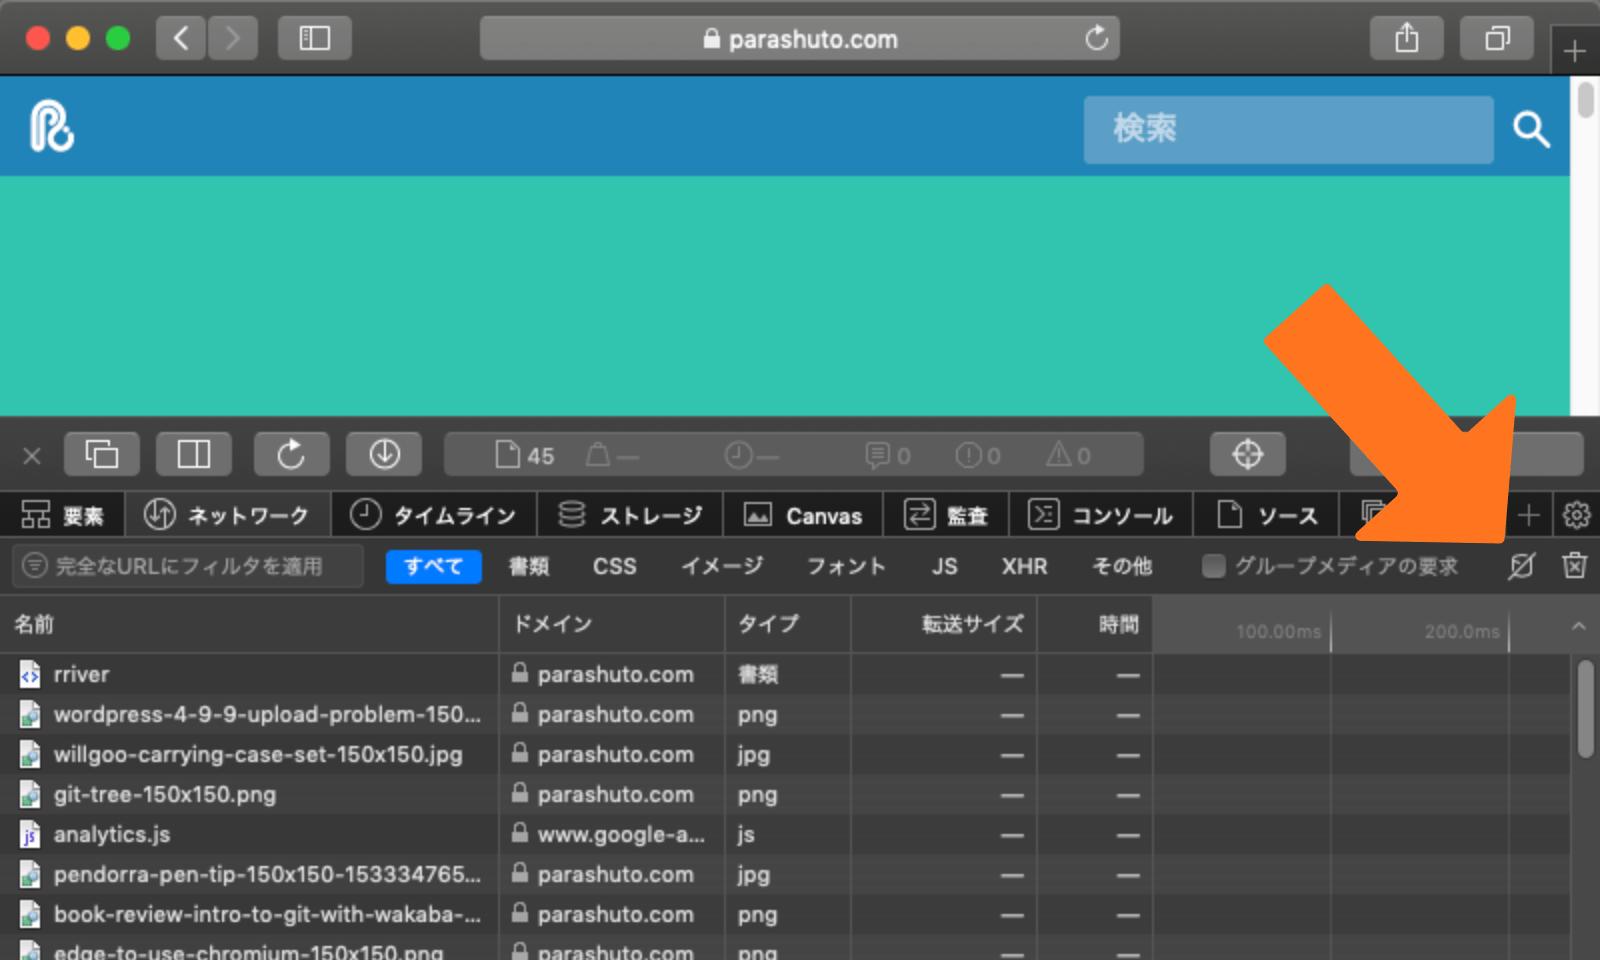 Safariの開発ツールのネットワークタブを開いた画面。キャッシュを無効化するオプションがオレンジの矢印で指し示されている